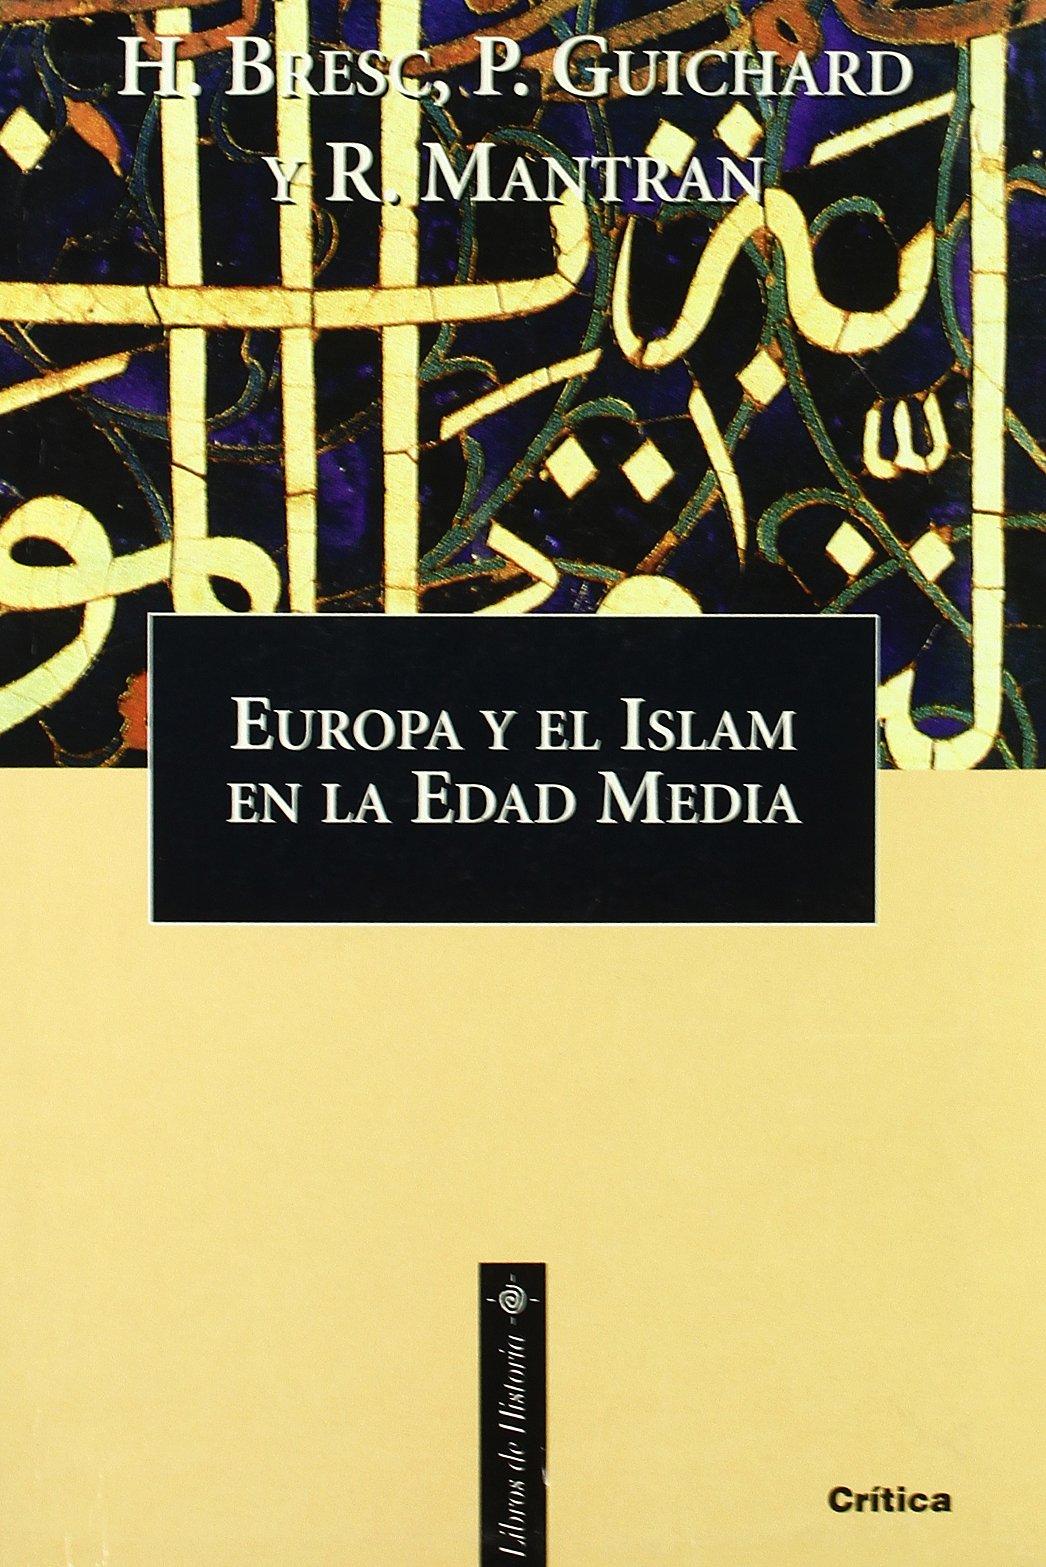 Europa y el Islam en la Edad Media Libros de Historia: Amazon.es ...